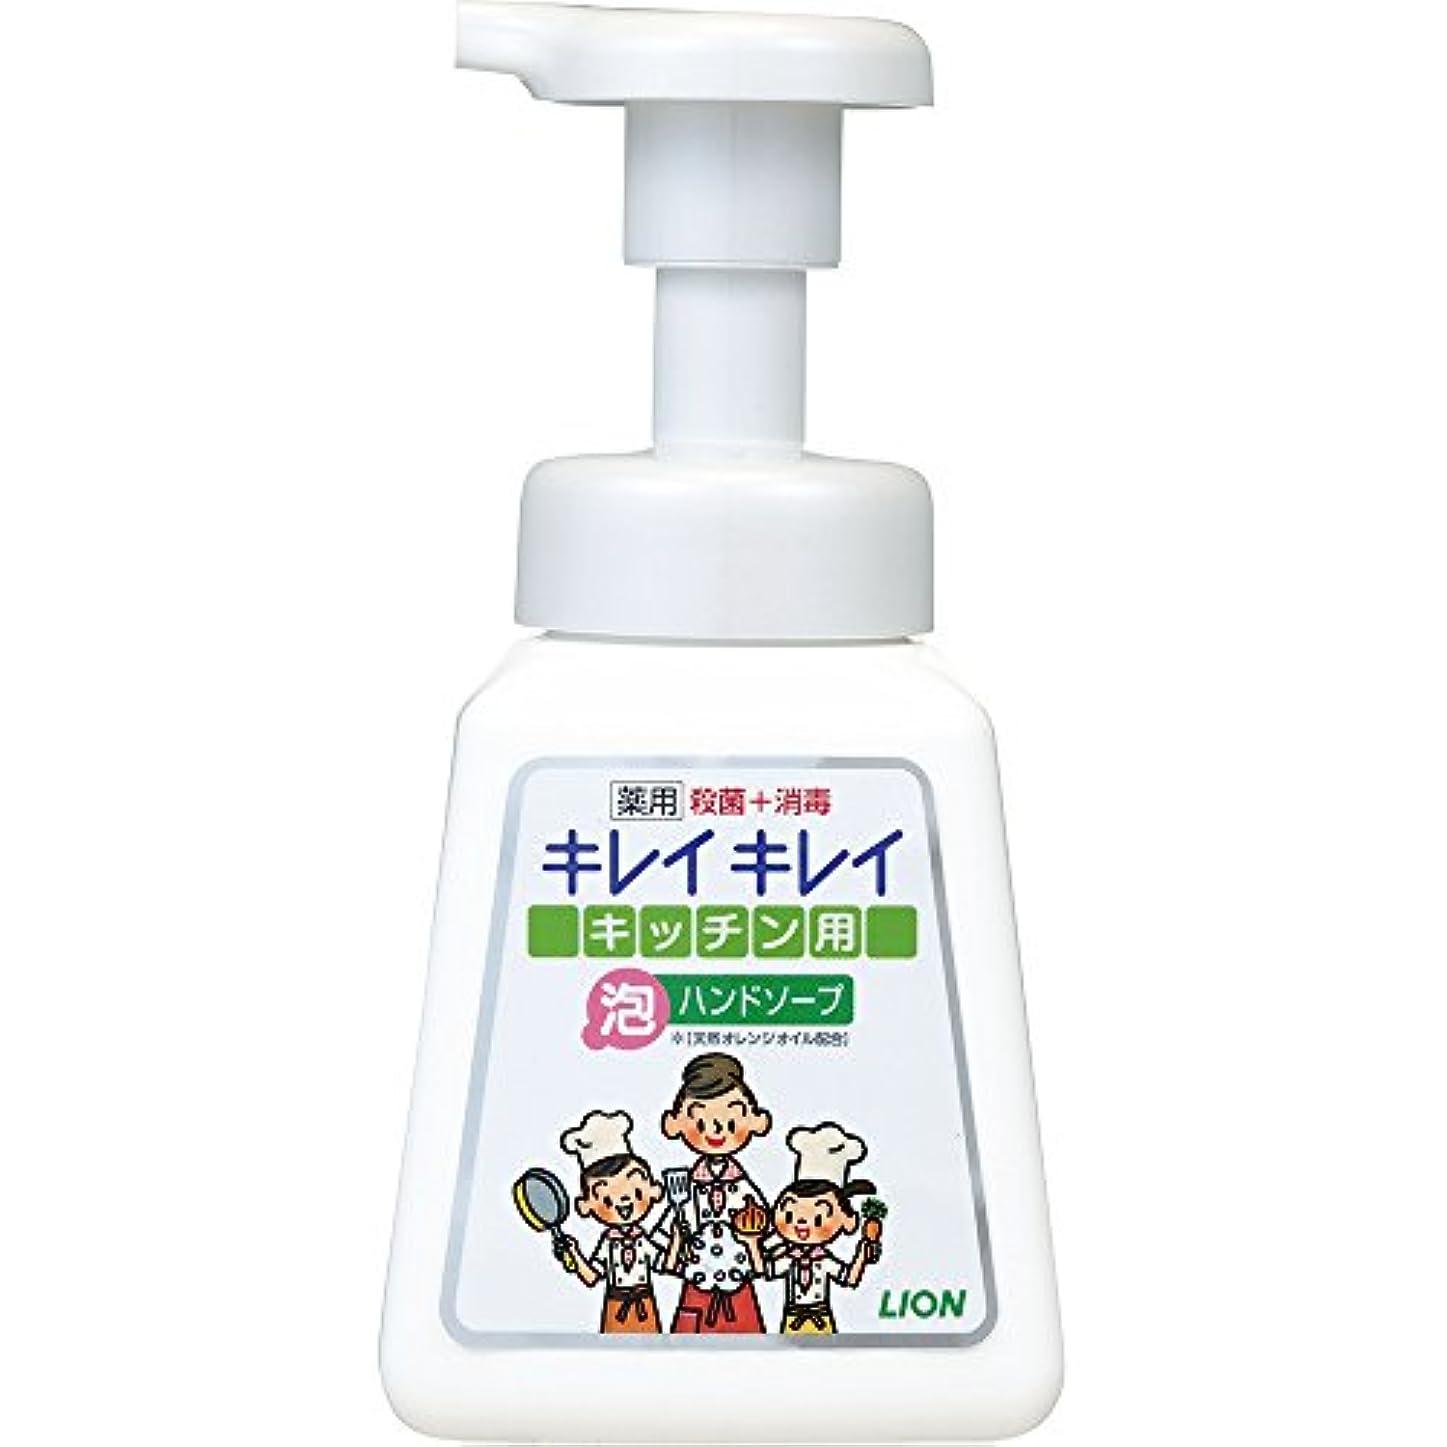 摂氏計器損失キレイキレイ 薬用 キッチン泡ハンドソープ 本体ポンプ 230ml(医薬部外品)